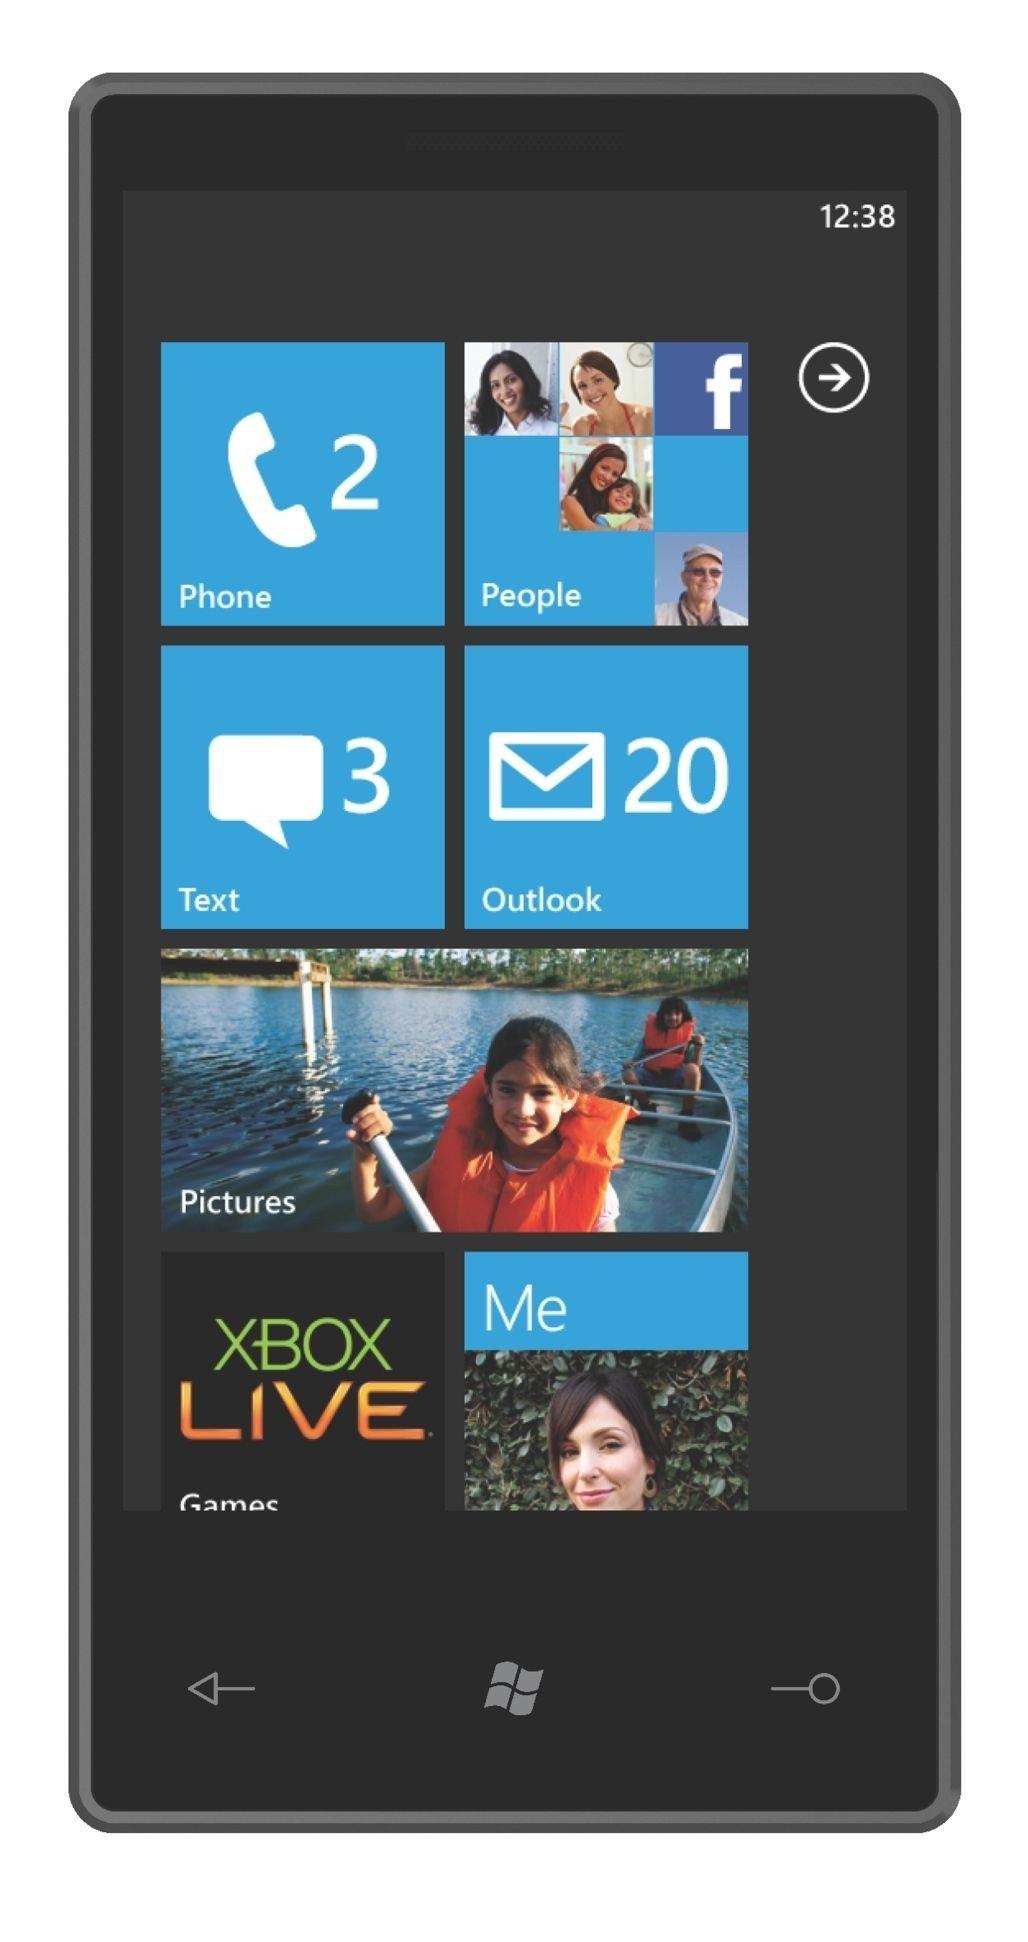 Microsoft satser tungt på mobilspill med Windows Phone 7